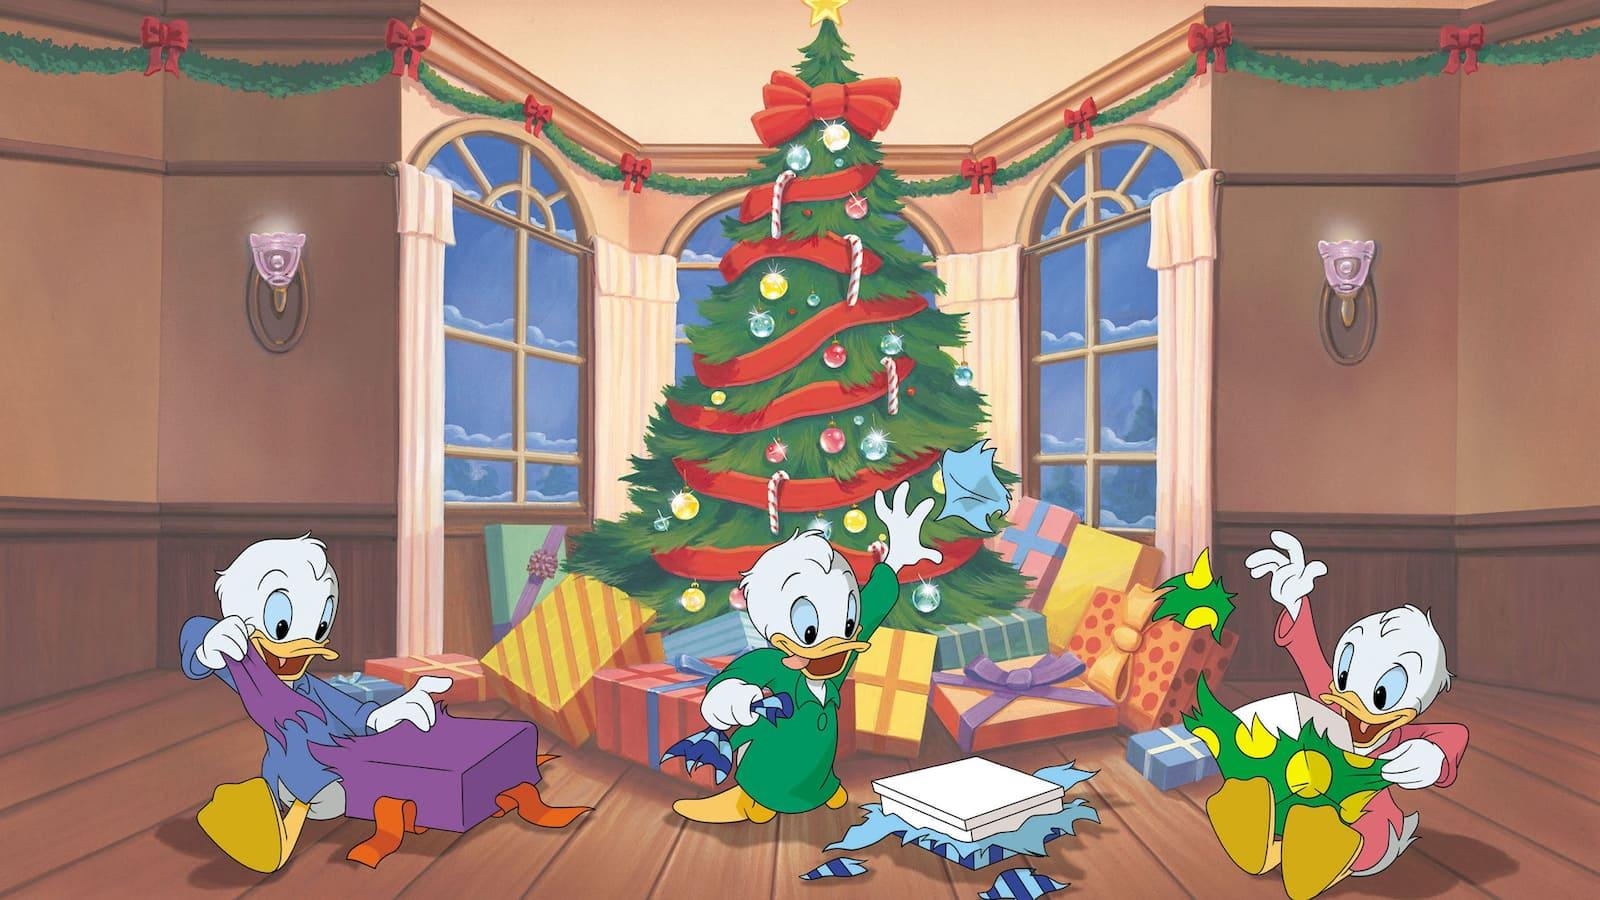 musse-pigg-och-hans-vanner-firar-jul-1999